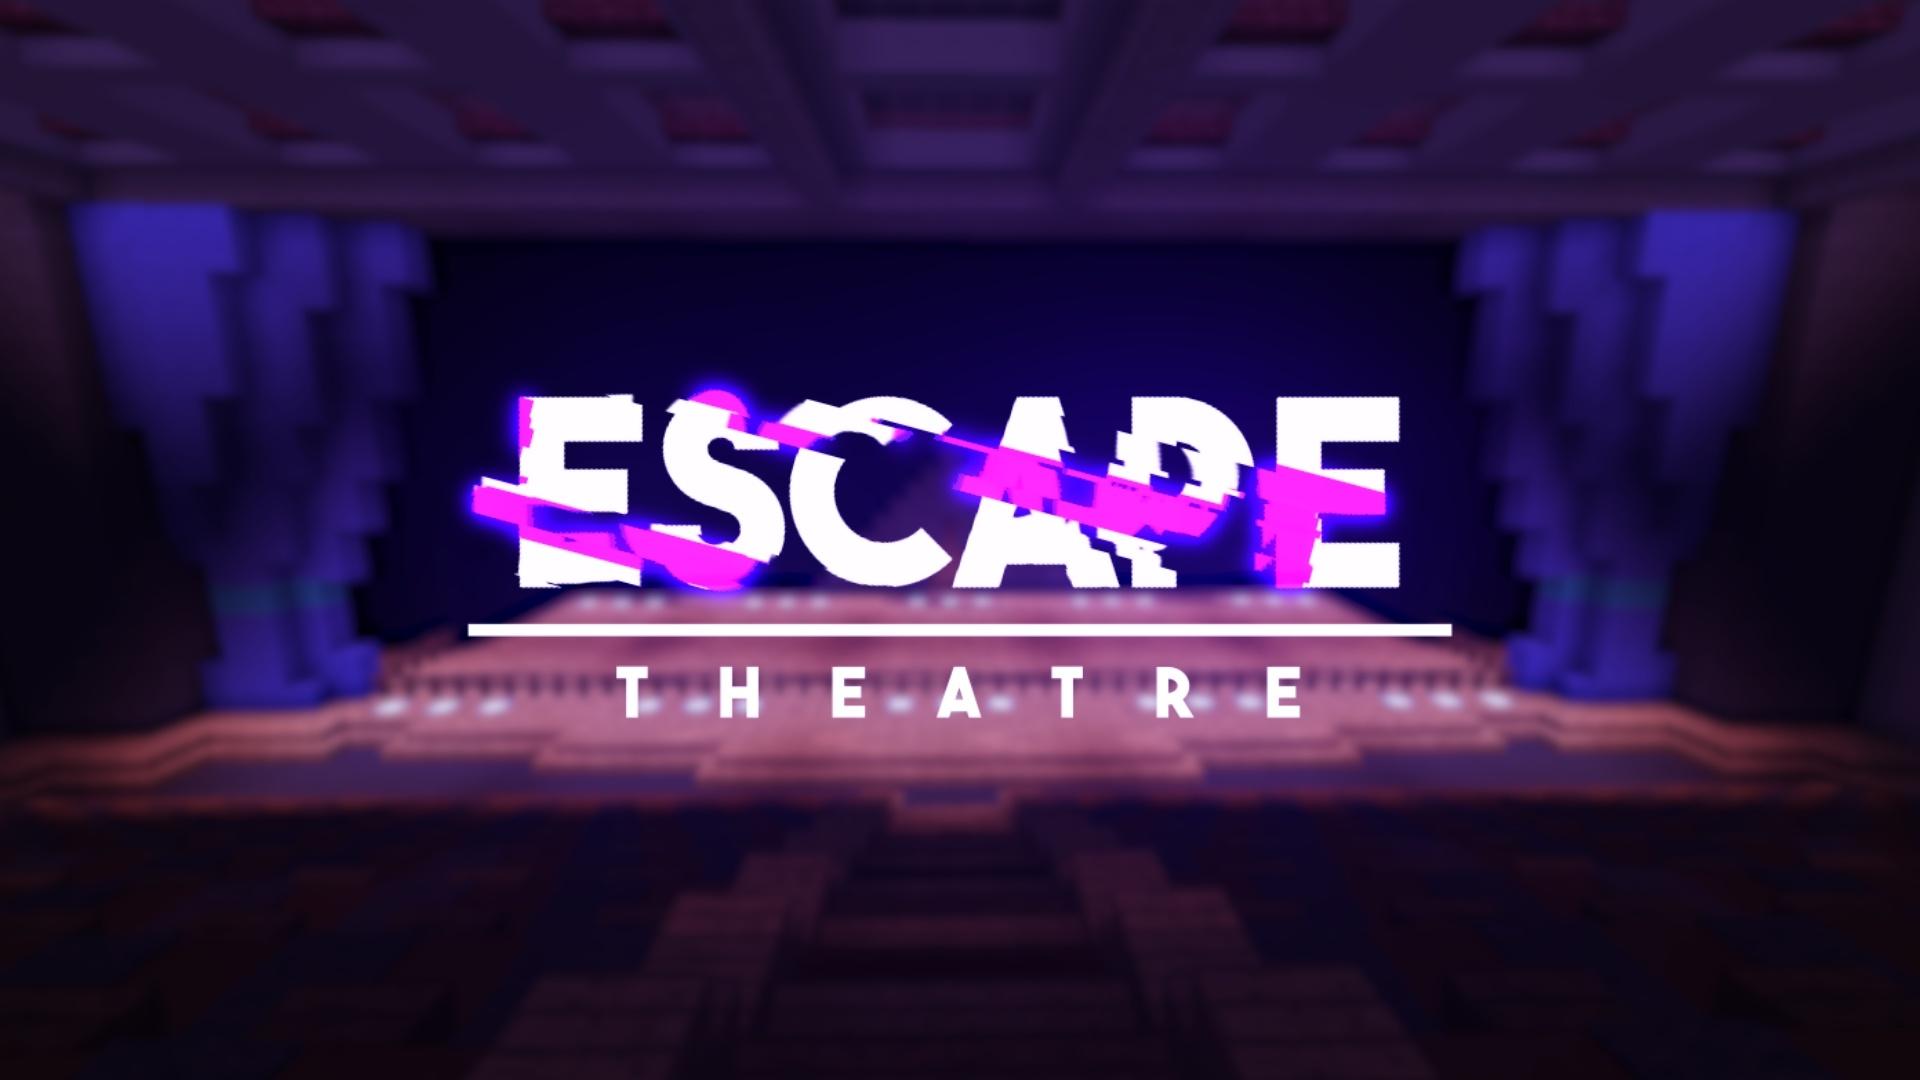 Escape: Theatre